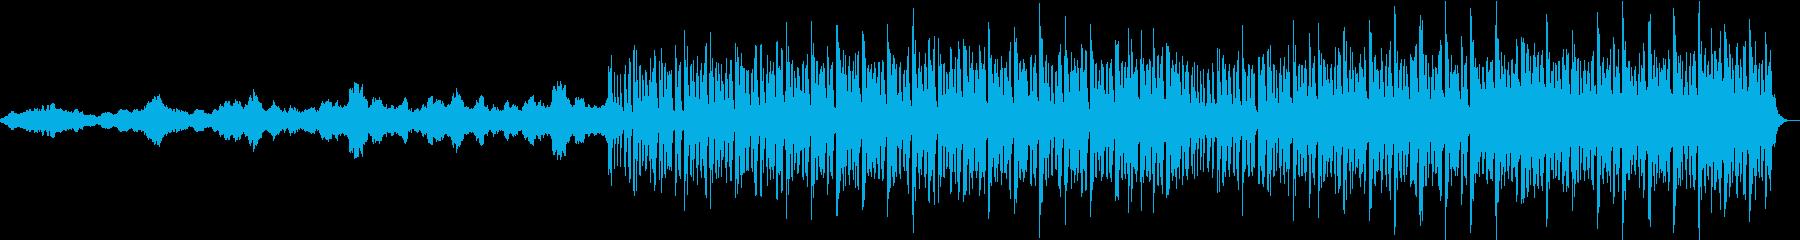 ストリングスとピアノによるフラクタル構造の再生済みの波形